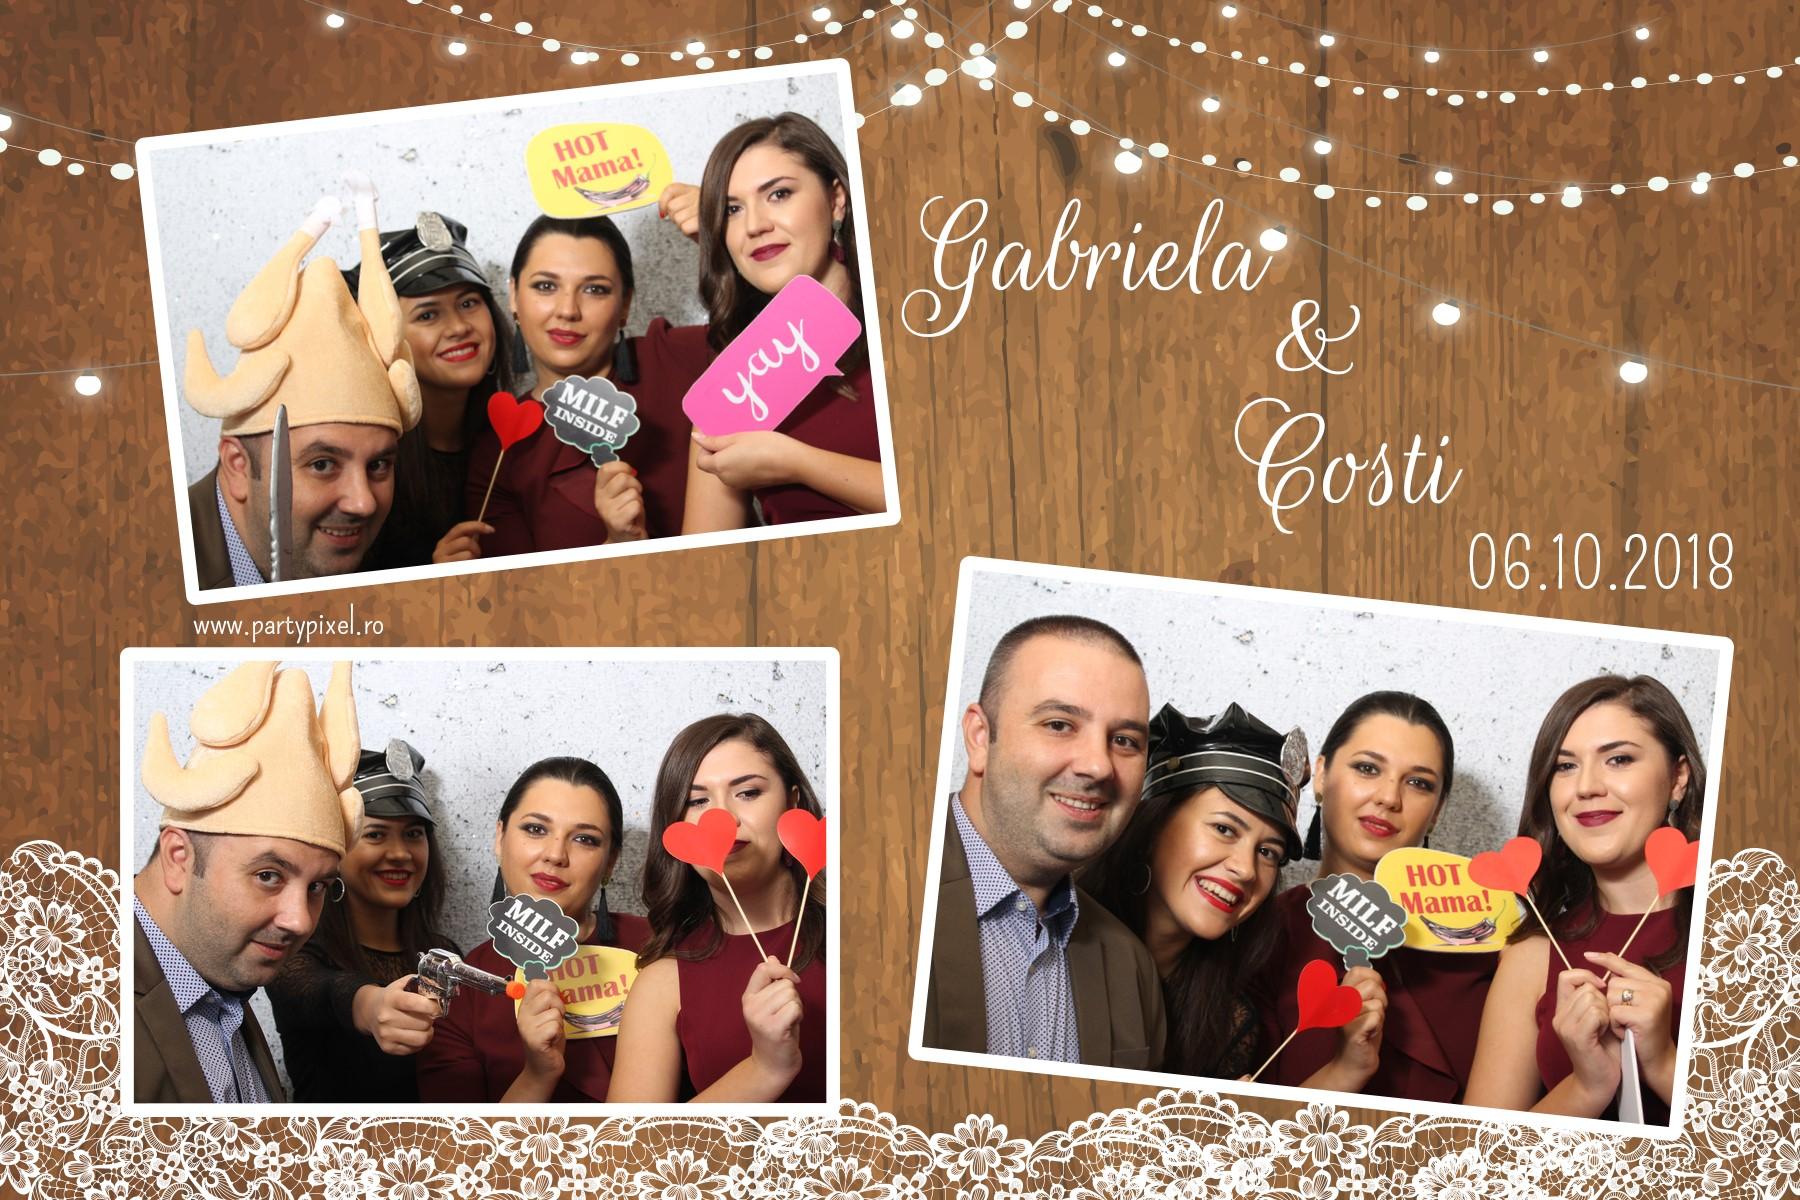 Cabina Foto Nunta Gabriela si Costi